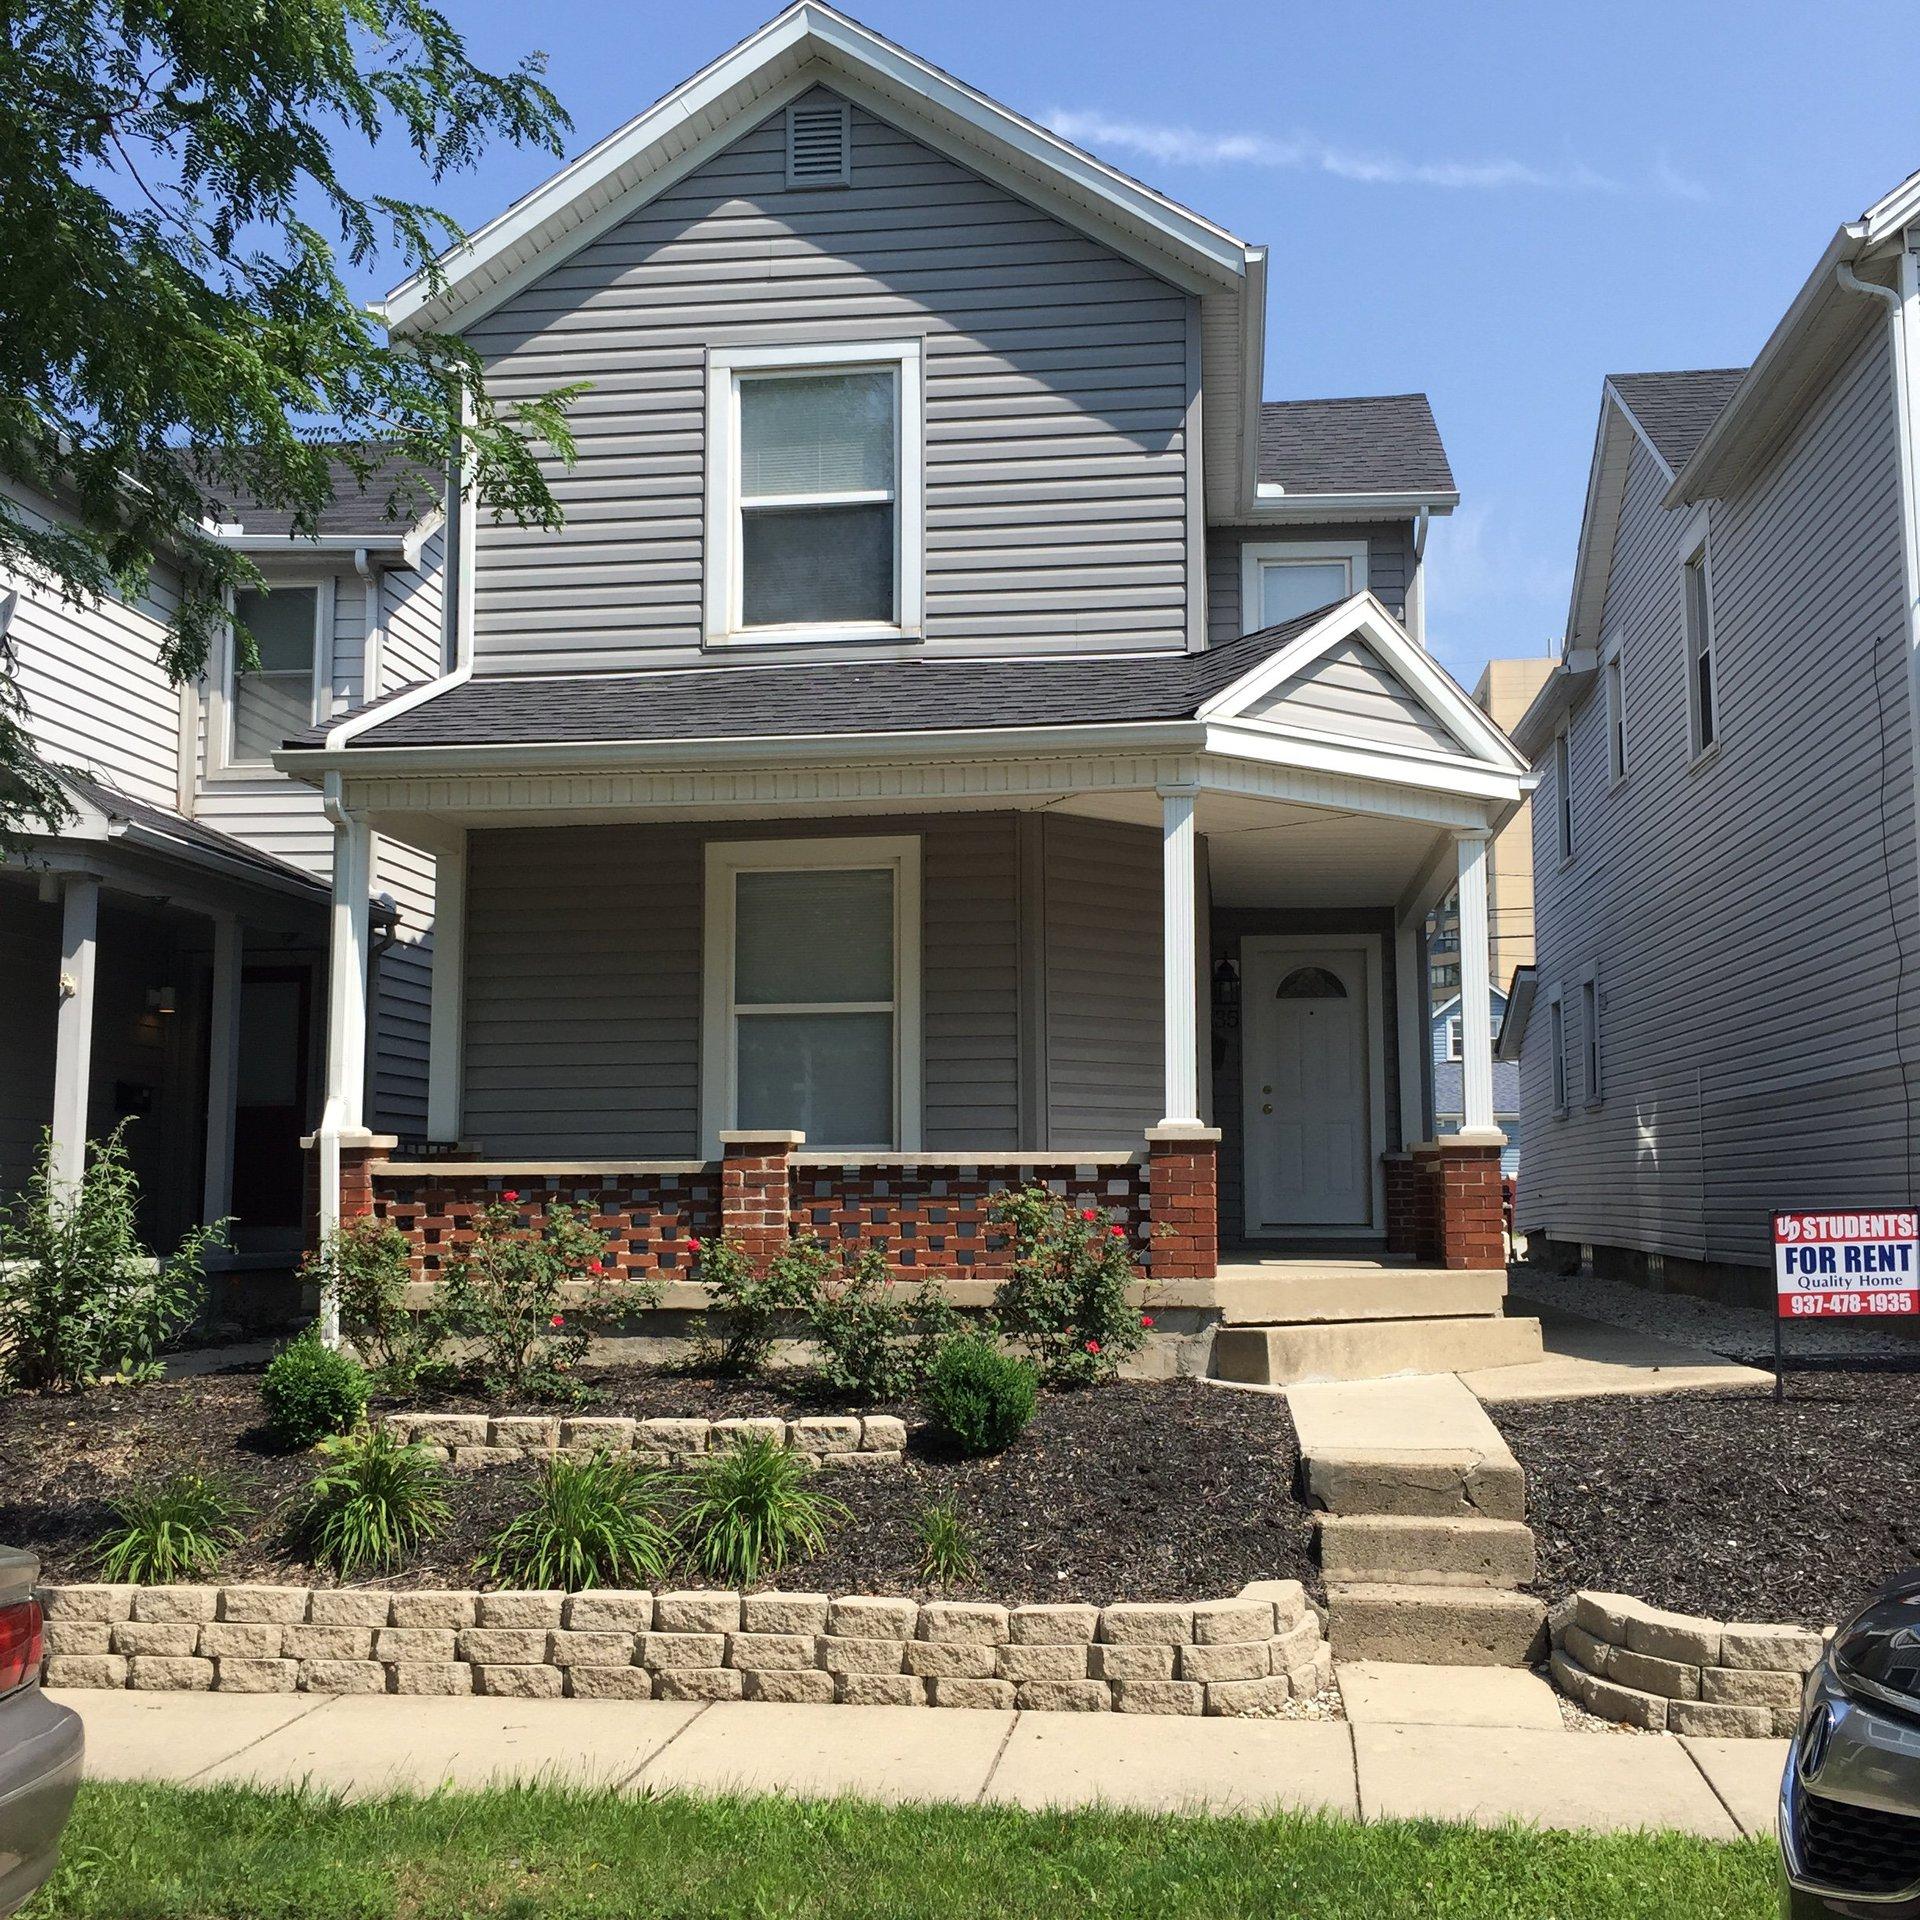 Housing Rental: 3 Benefits Of Landlord Housing At The University Of Dayton